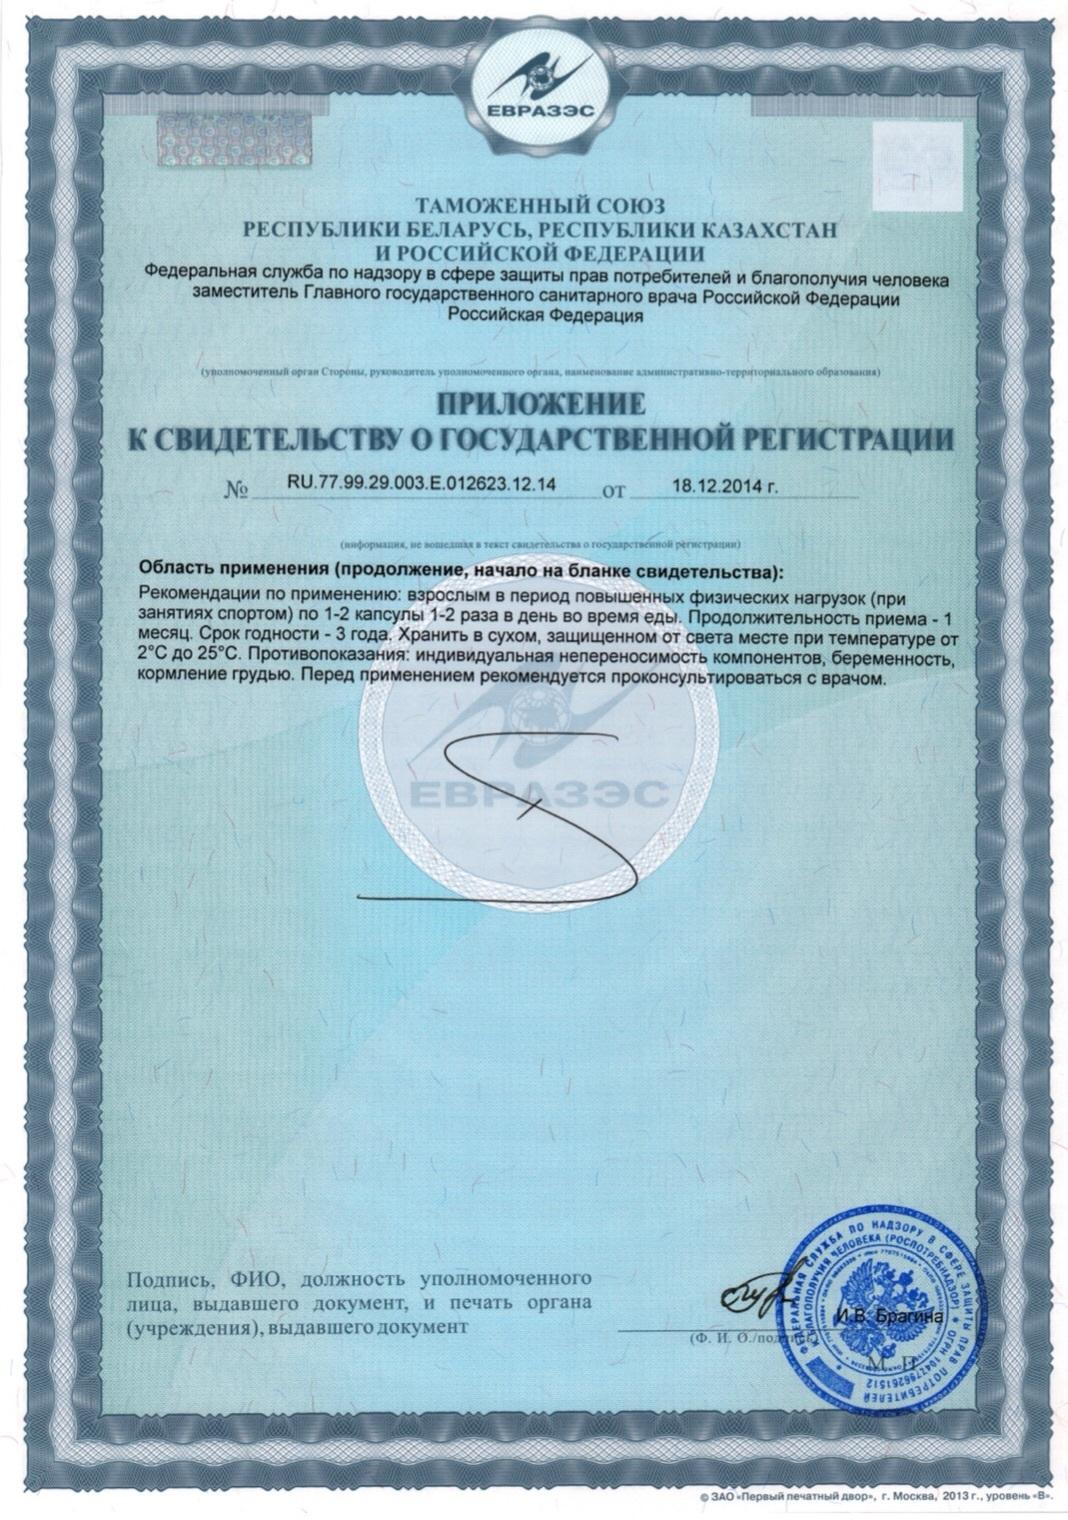 Спорт 3 Плюс® Сертификат на Пептидный комплекс